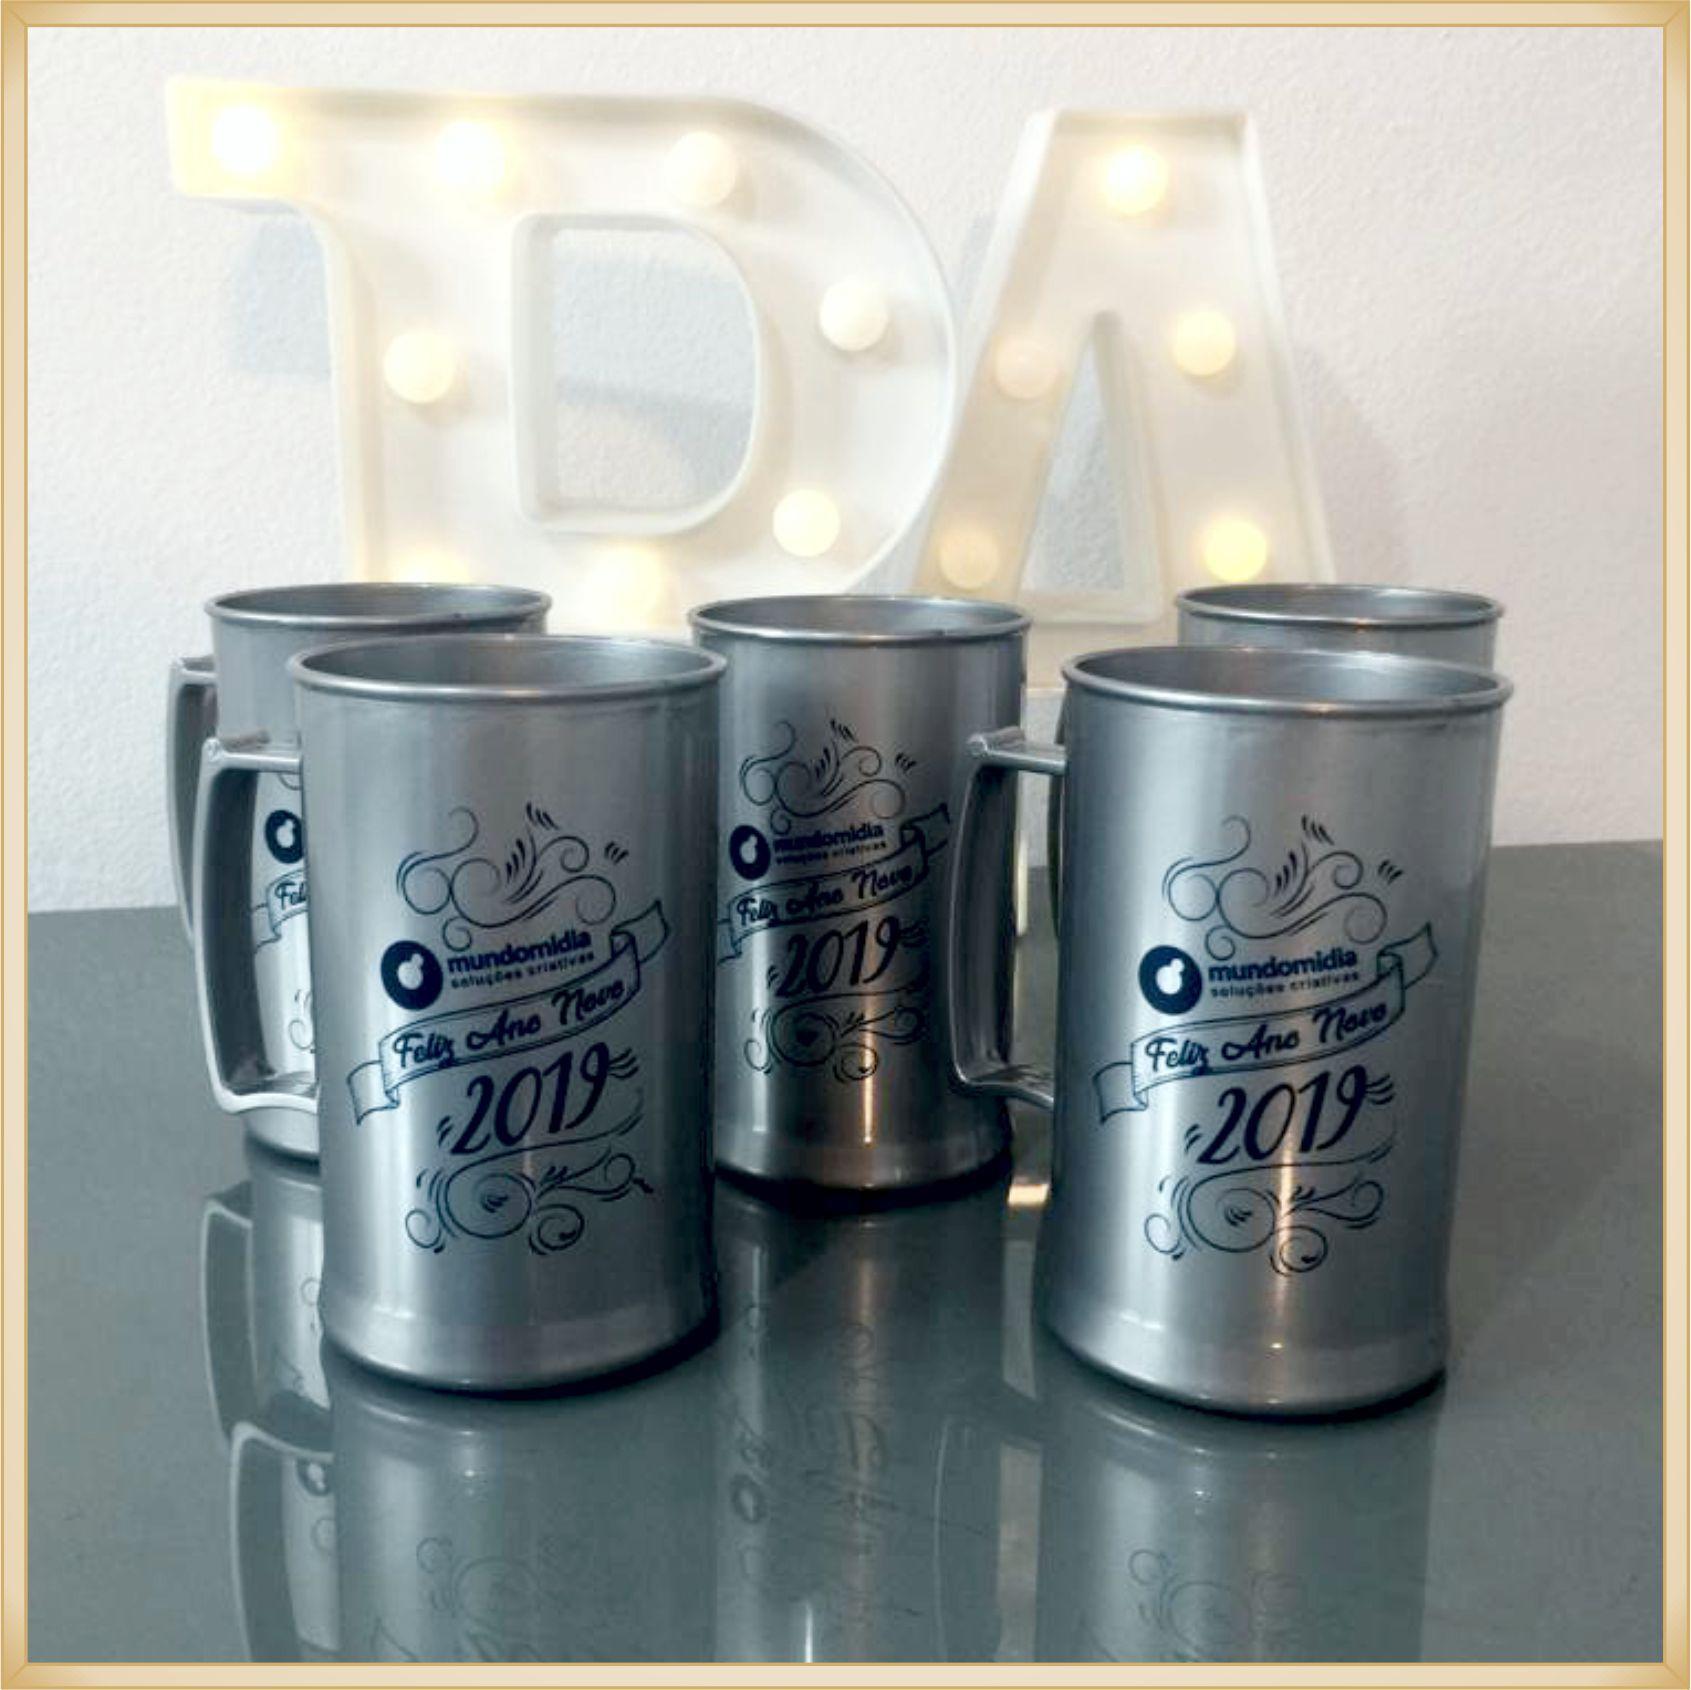 Caneca de acrílico personalizada para empresas - alta qualidade, acabamento perfeito, parede de 2,5 mm, material atóxico, 300 ml